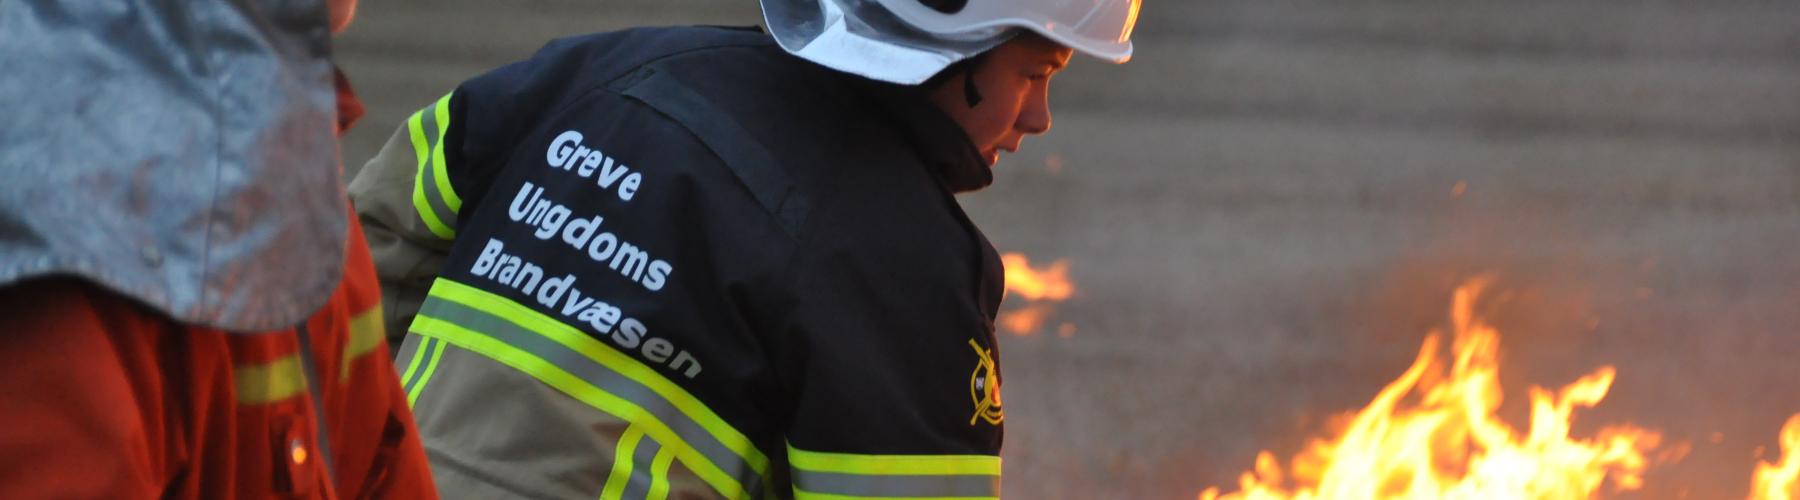 Greve Ungdoms Brandvæsen cover image